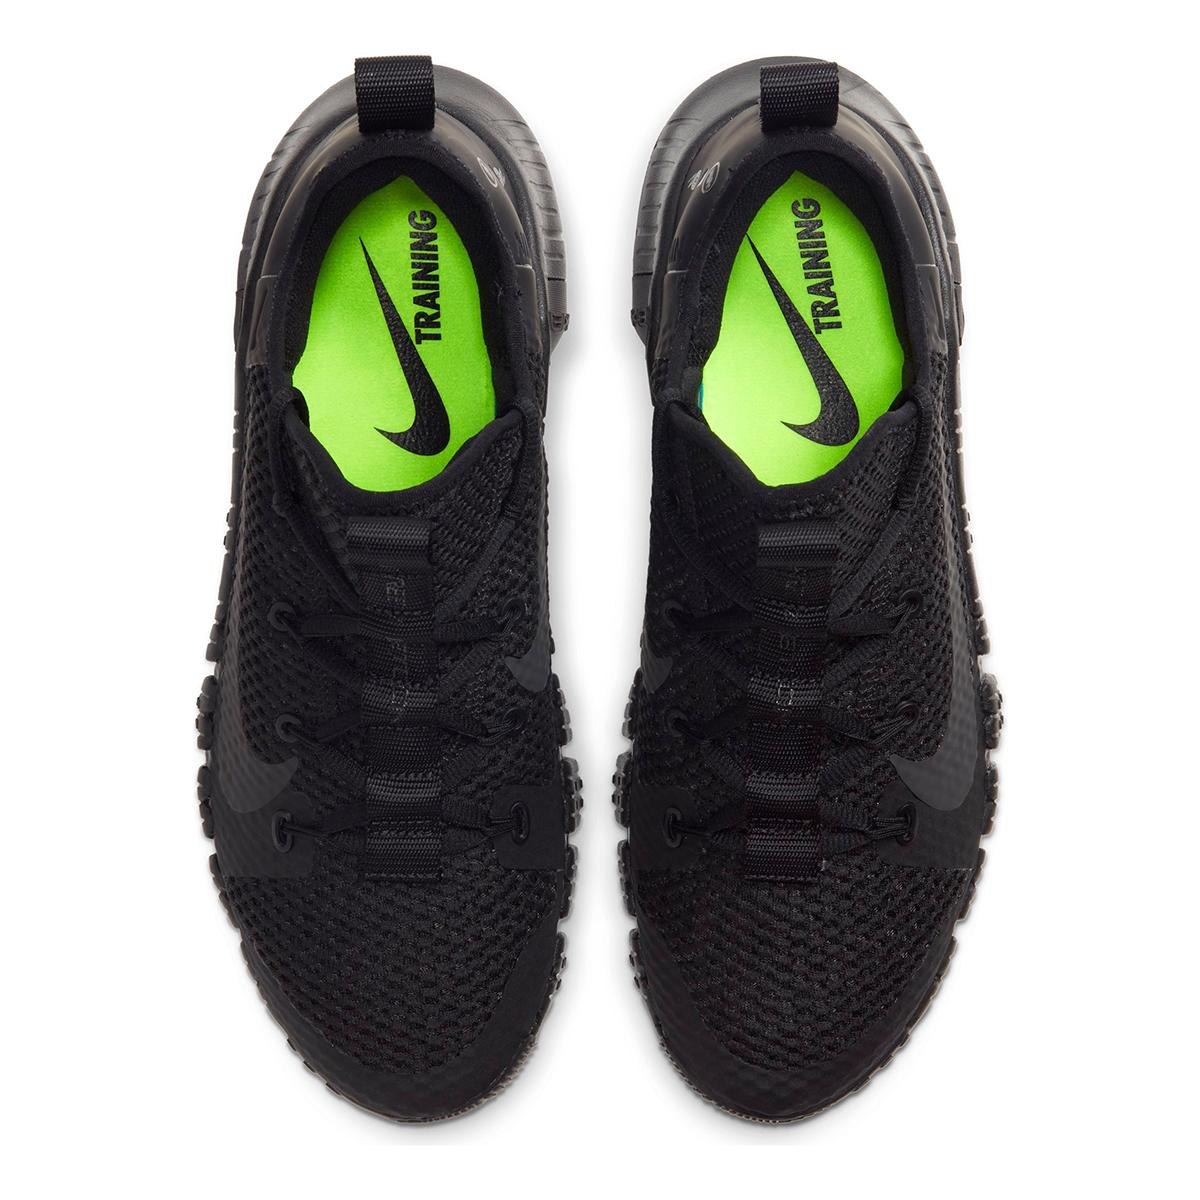 Nike Free Metcon 3 Training Shoes - Color: Black/Black/Volt/Anthracite - Size: 5 - Width: Regular, Black/Volt/Anthracite, large, image 7